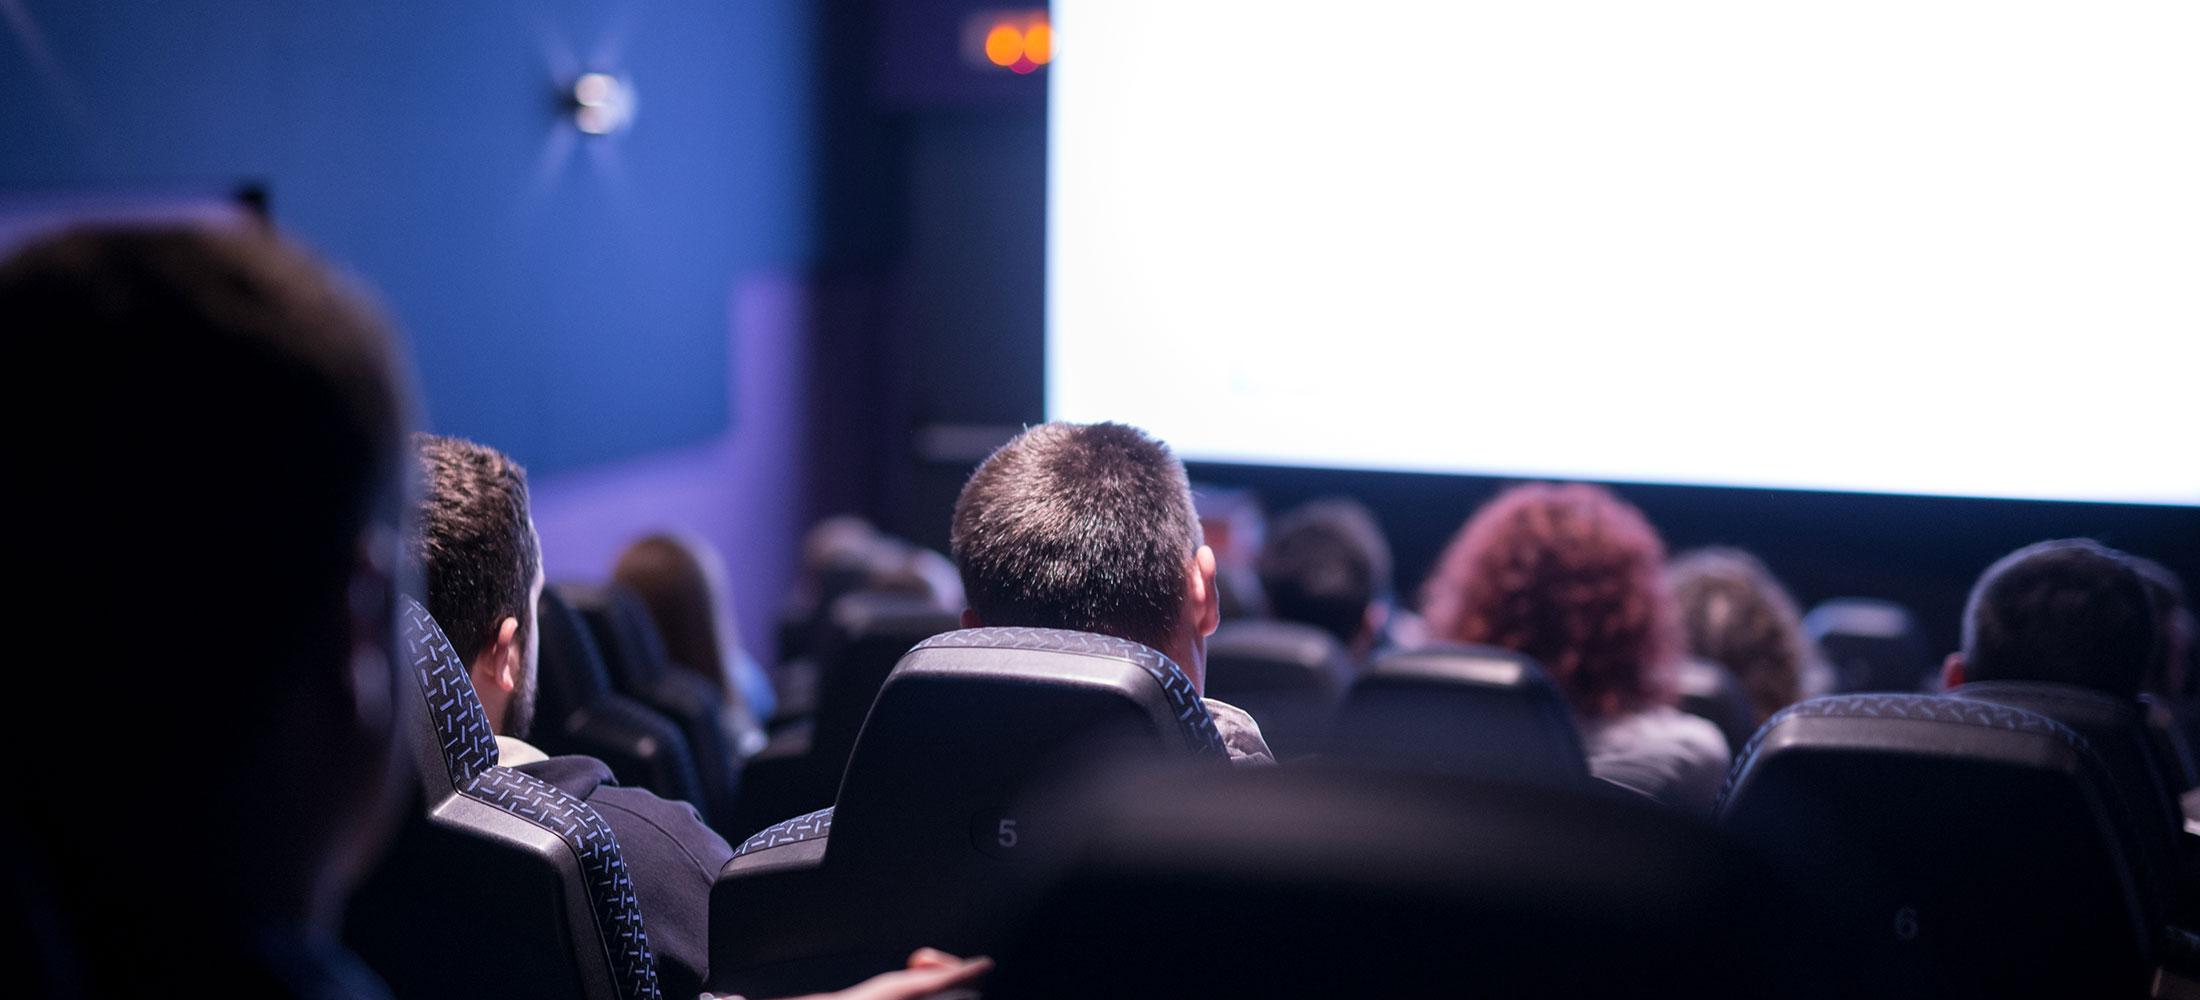 kino-publicznosc